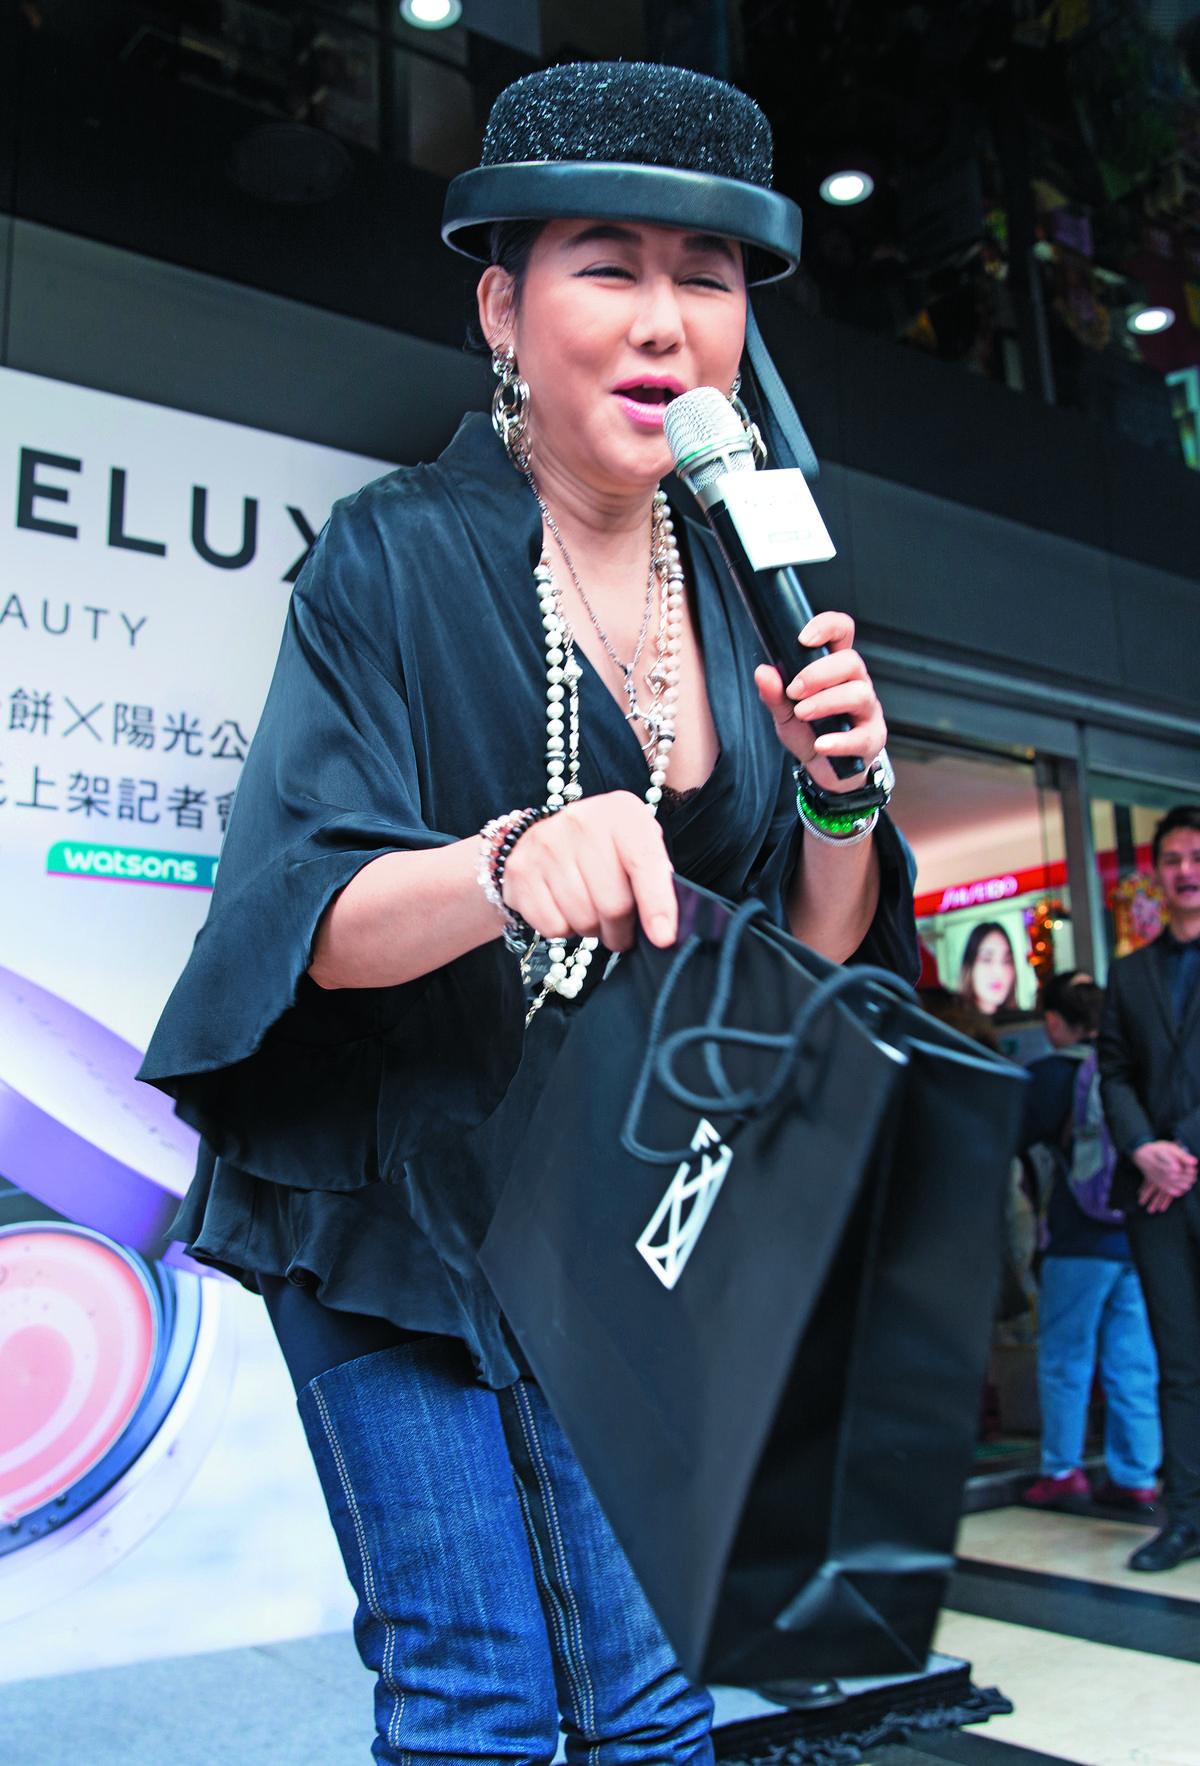 藍心湄為彩妝師張景凱(小凱)的個人品 牌KAI  DELUXE 站 台, 穿得貴氣千雲。她曾經出過一張經典名輯《肉餅飯糰》,如今她的臉完美詮釋。